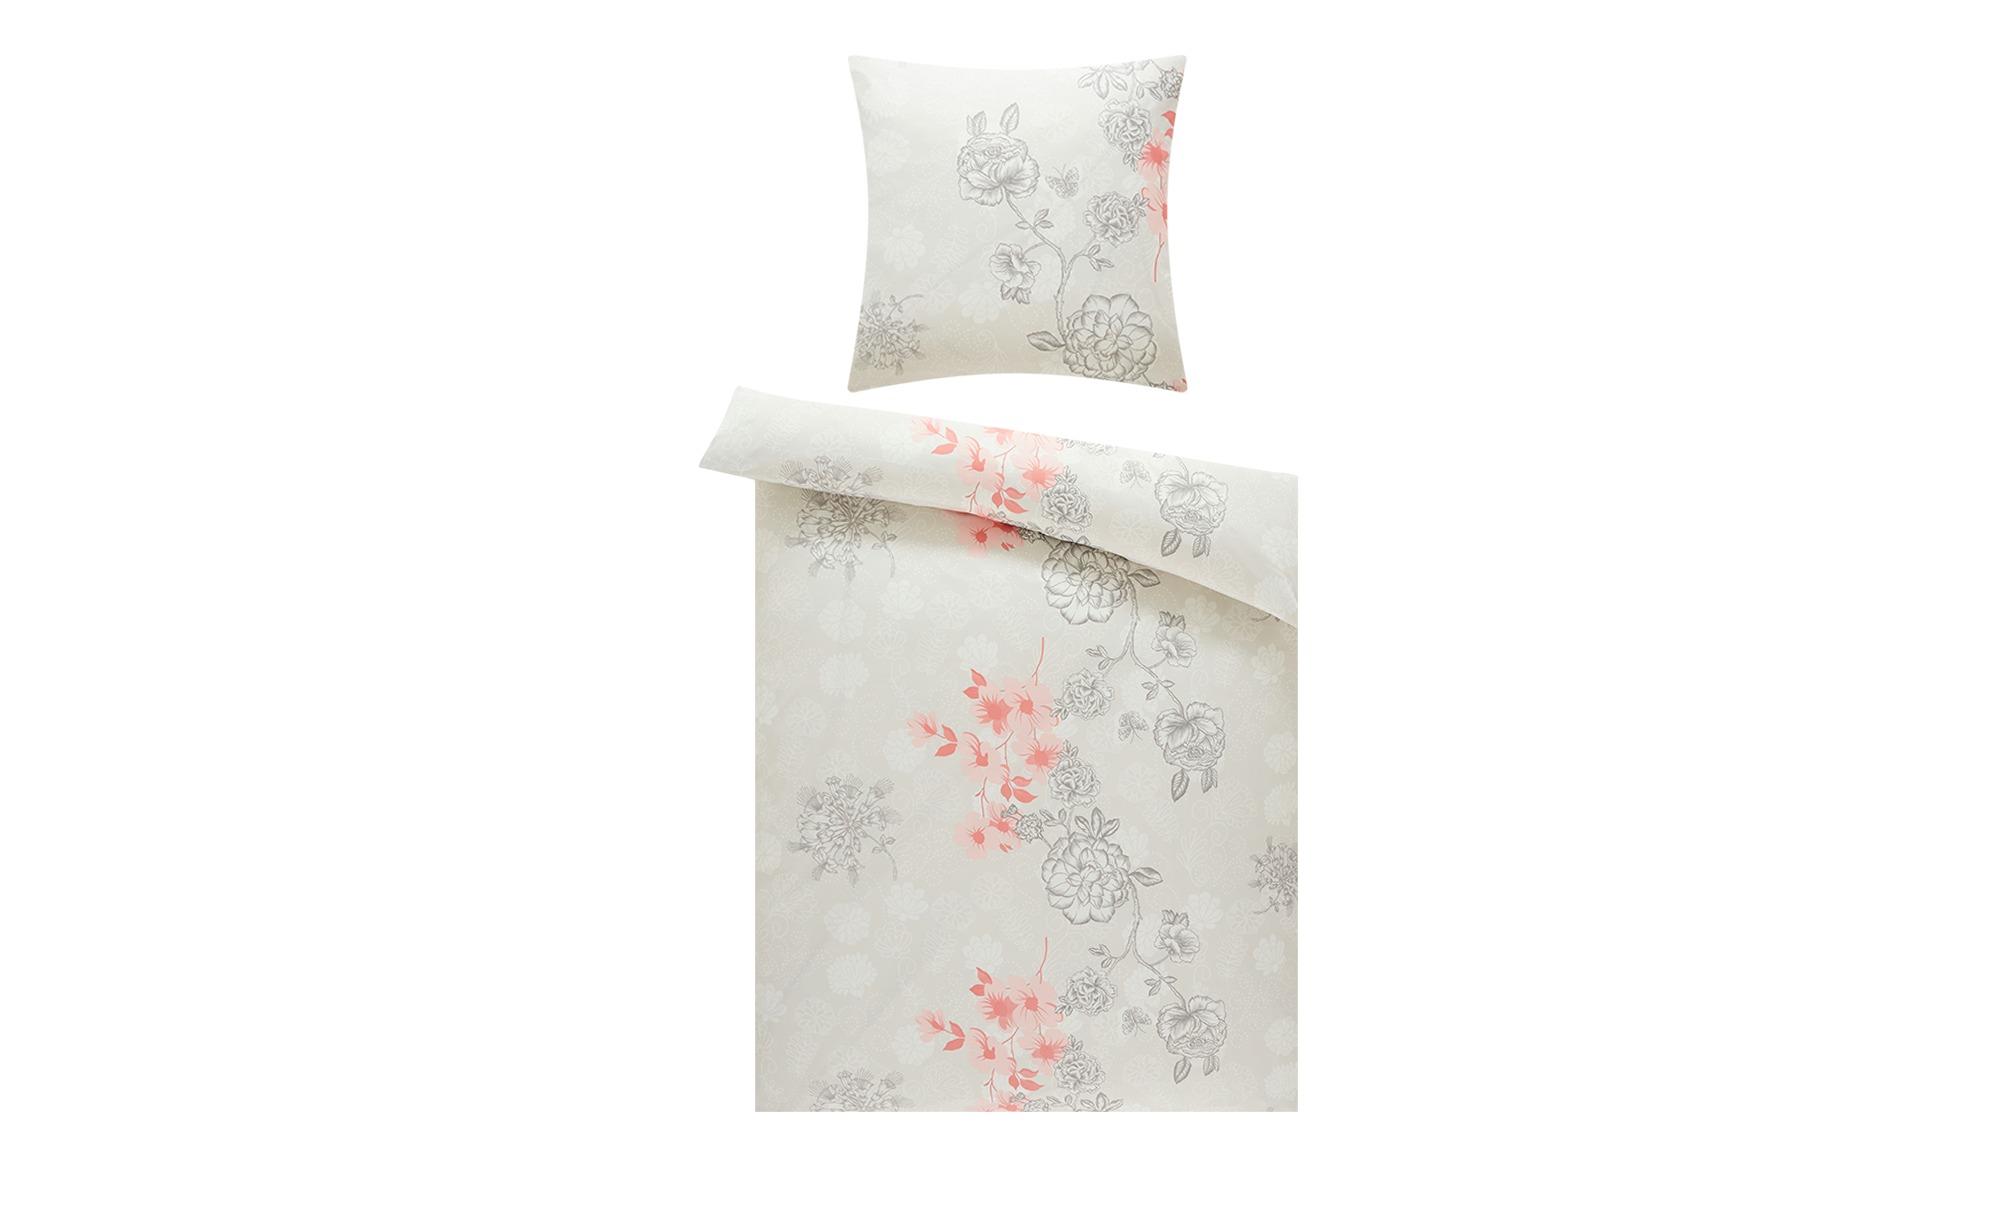 levelone Microfaser Bettwäsche  Blumen ¦ rosa/pink ¦ 100% Polyester ¦ Maße (cm): B: 135 H: 200 Bettwaren > Bettwäsche-Sets > weitere Bettwäschesets - Höffner